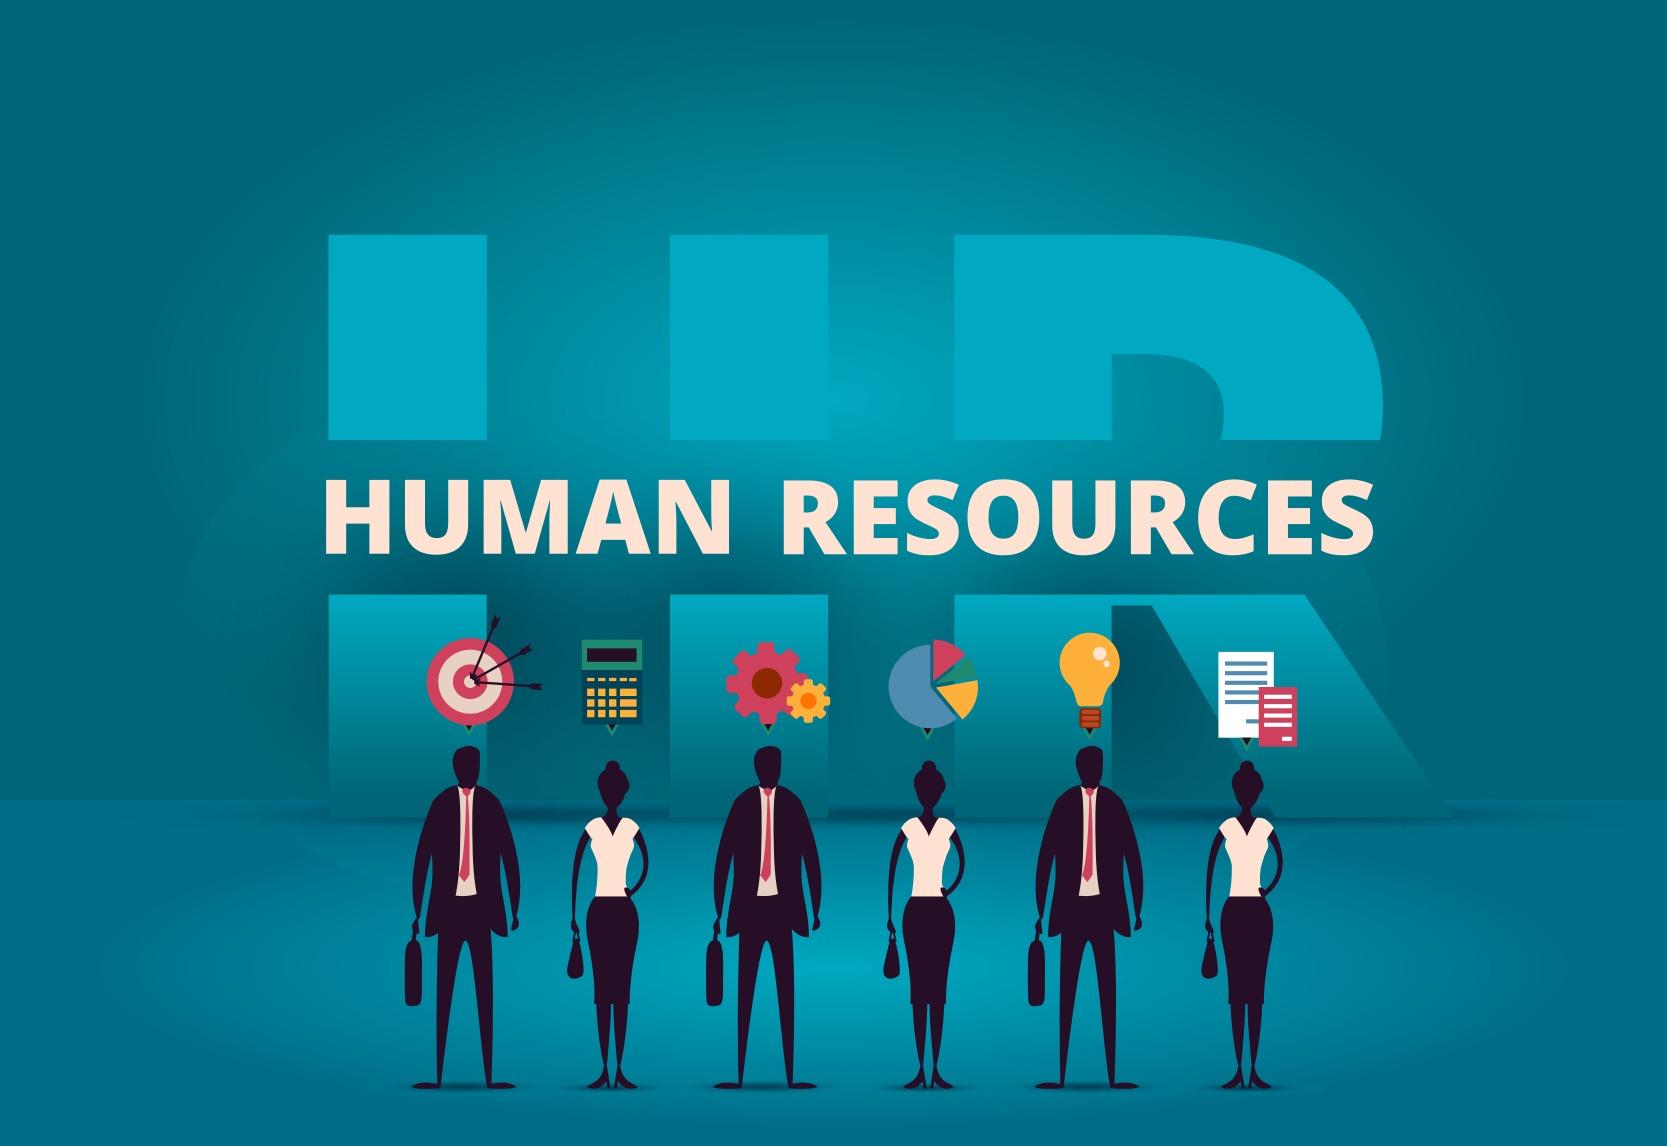 Brak zrozumienia biznesu wpływa negatywnie na autorytet działu HR (Fot. Shutterstock)